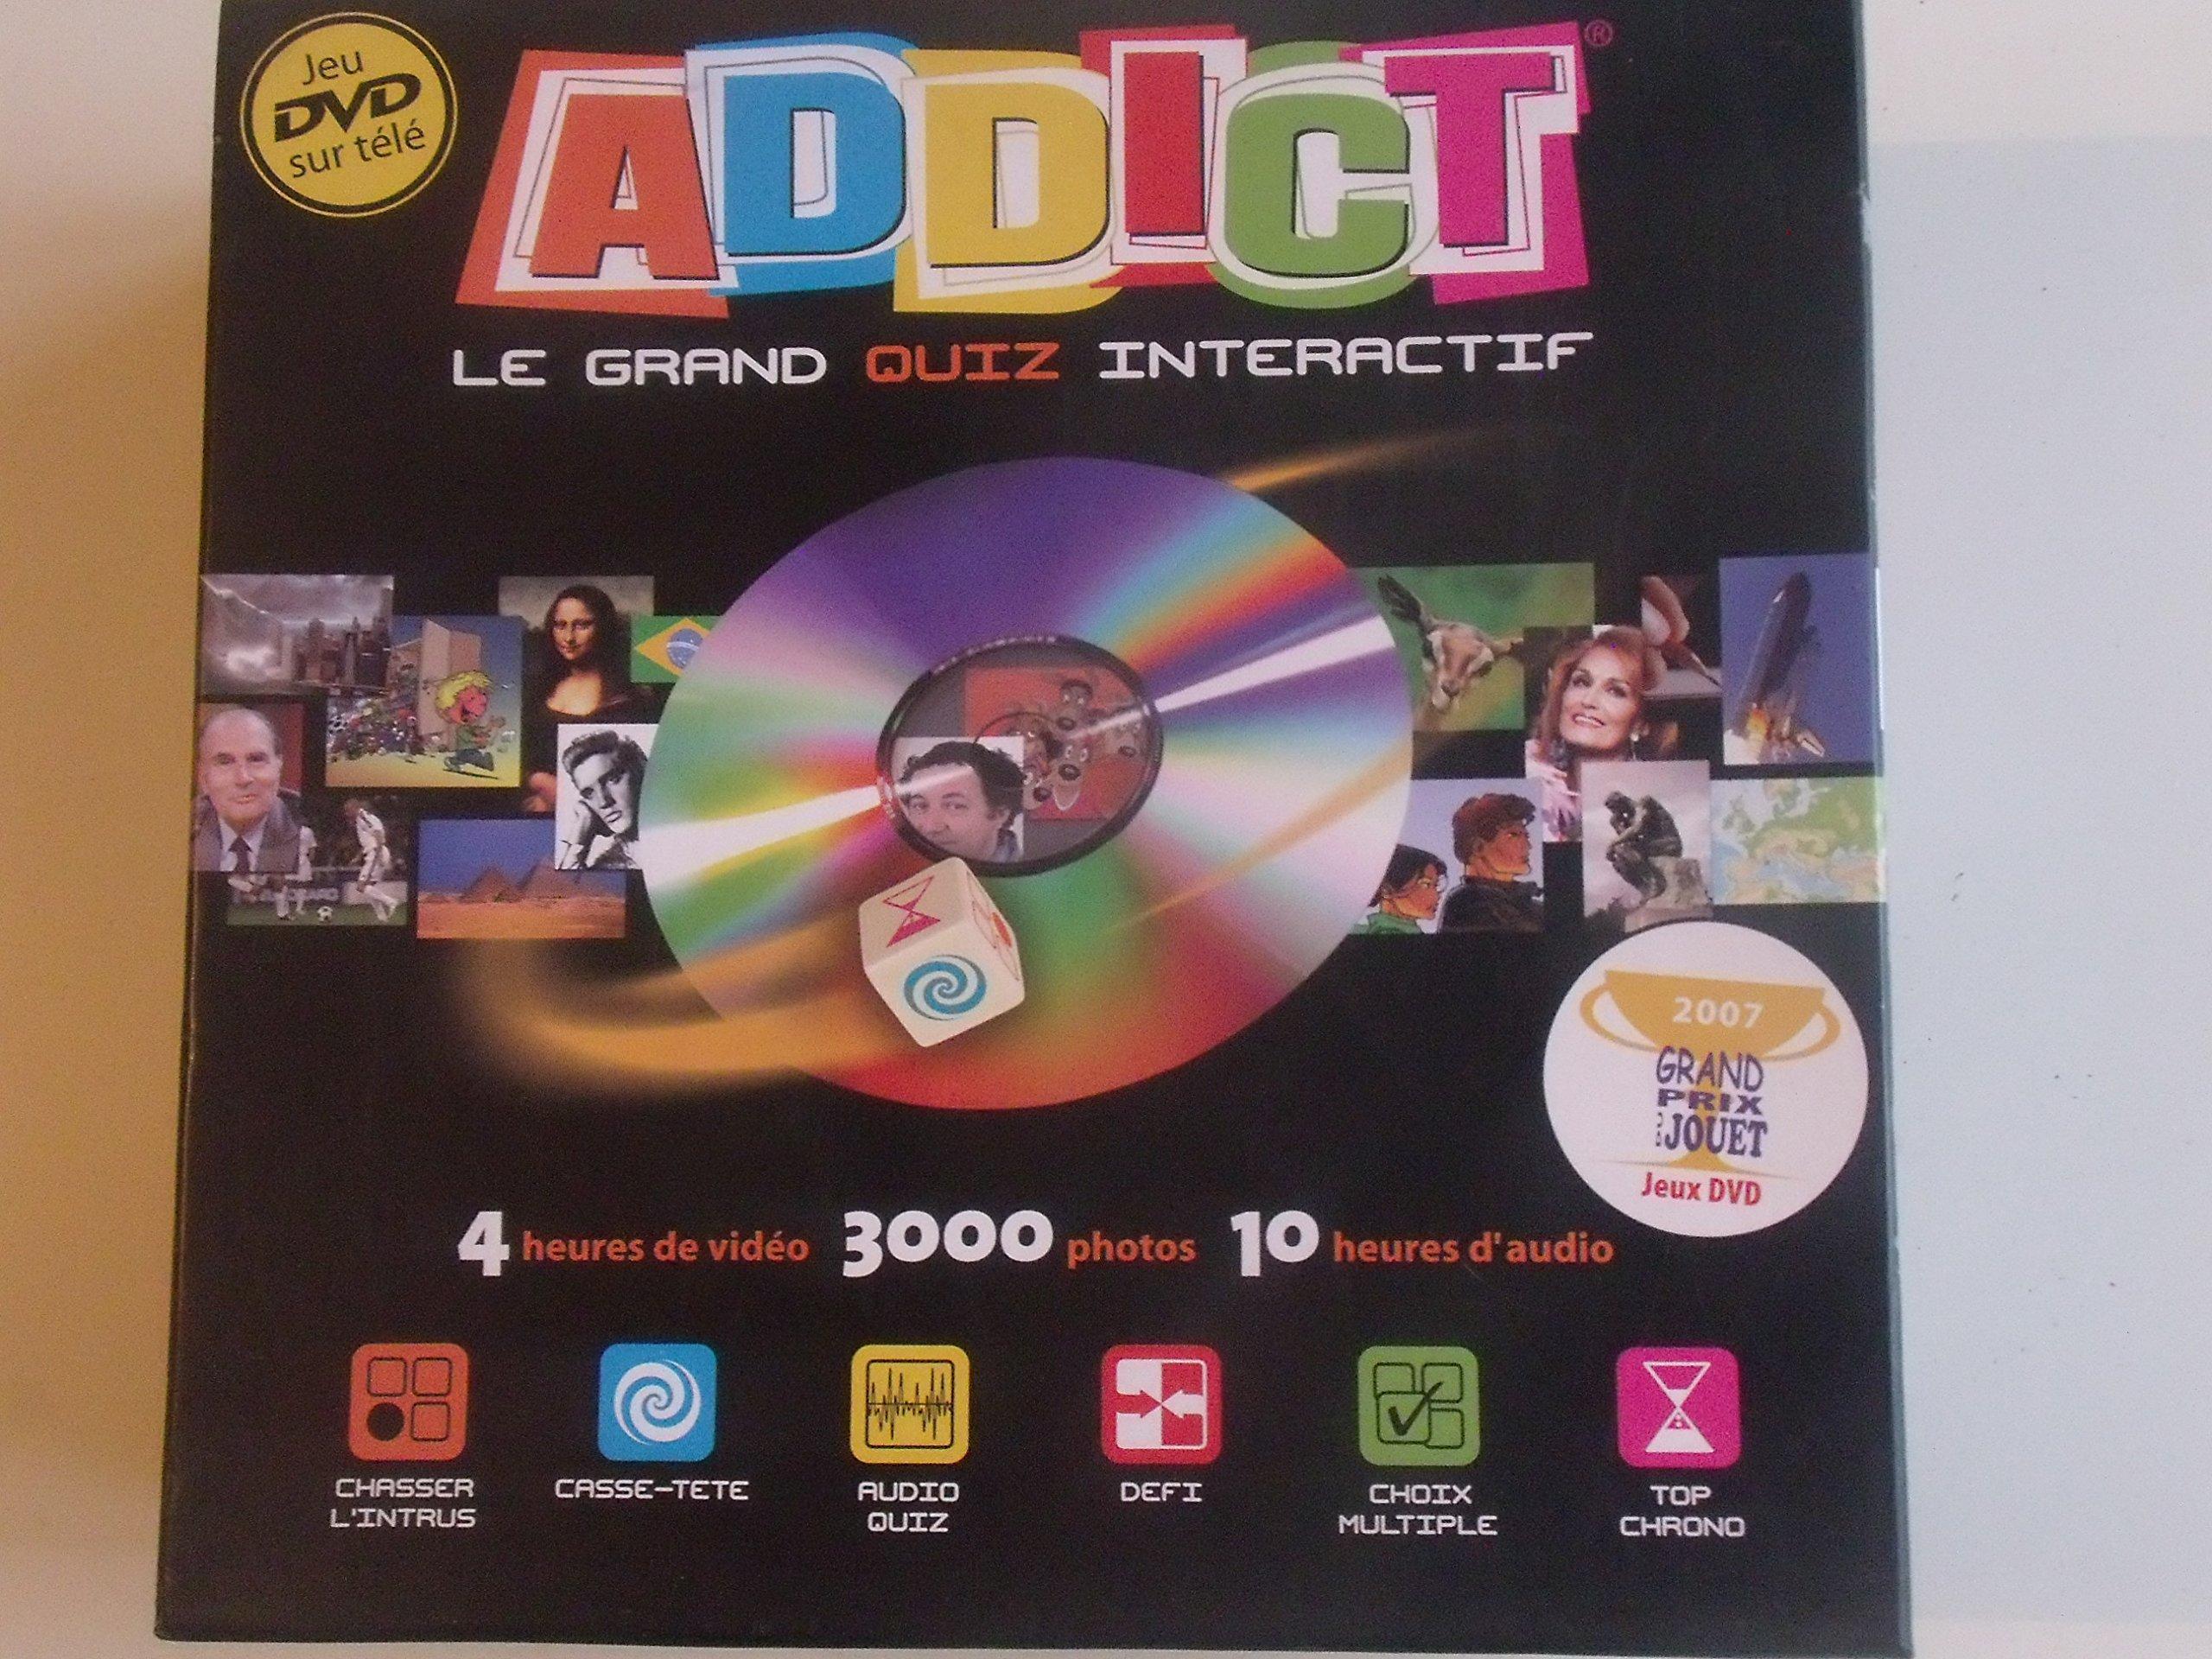 ADDICT - Le grand quiz interactif product image